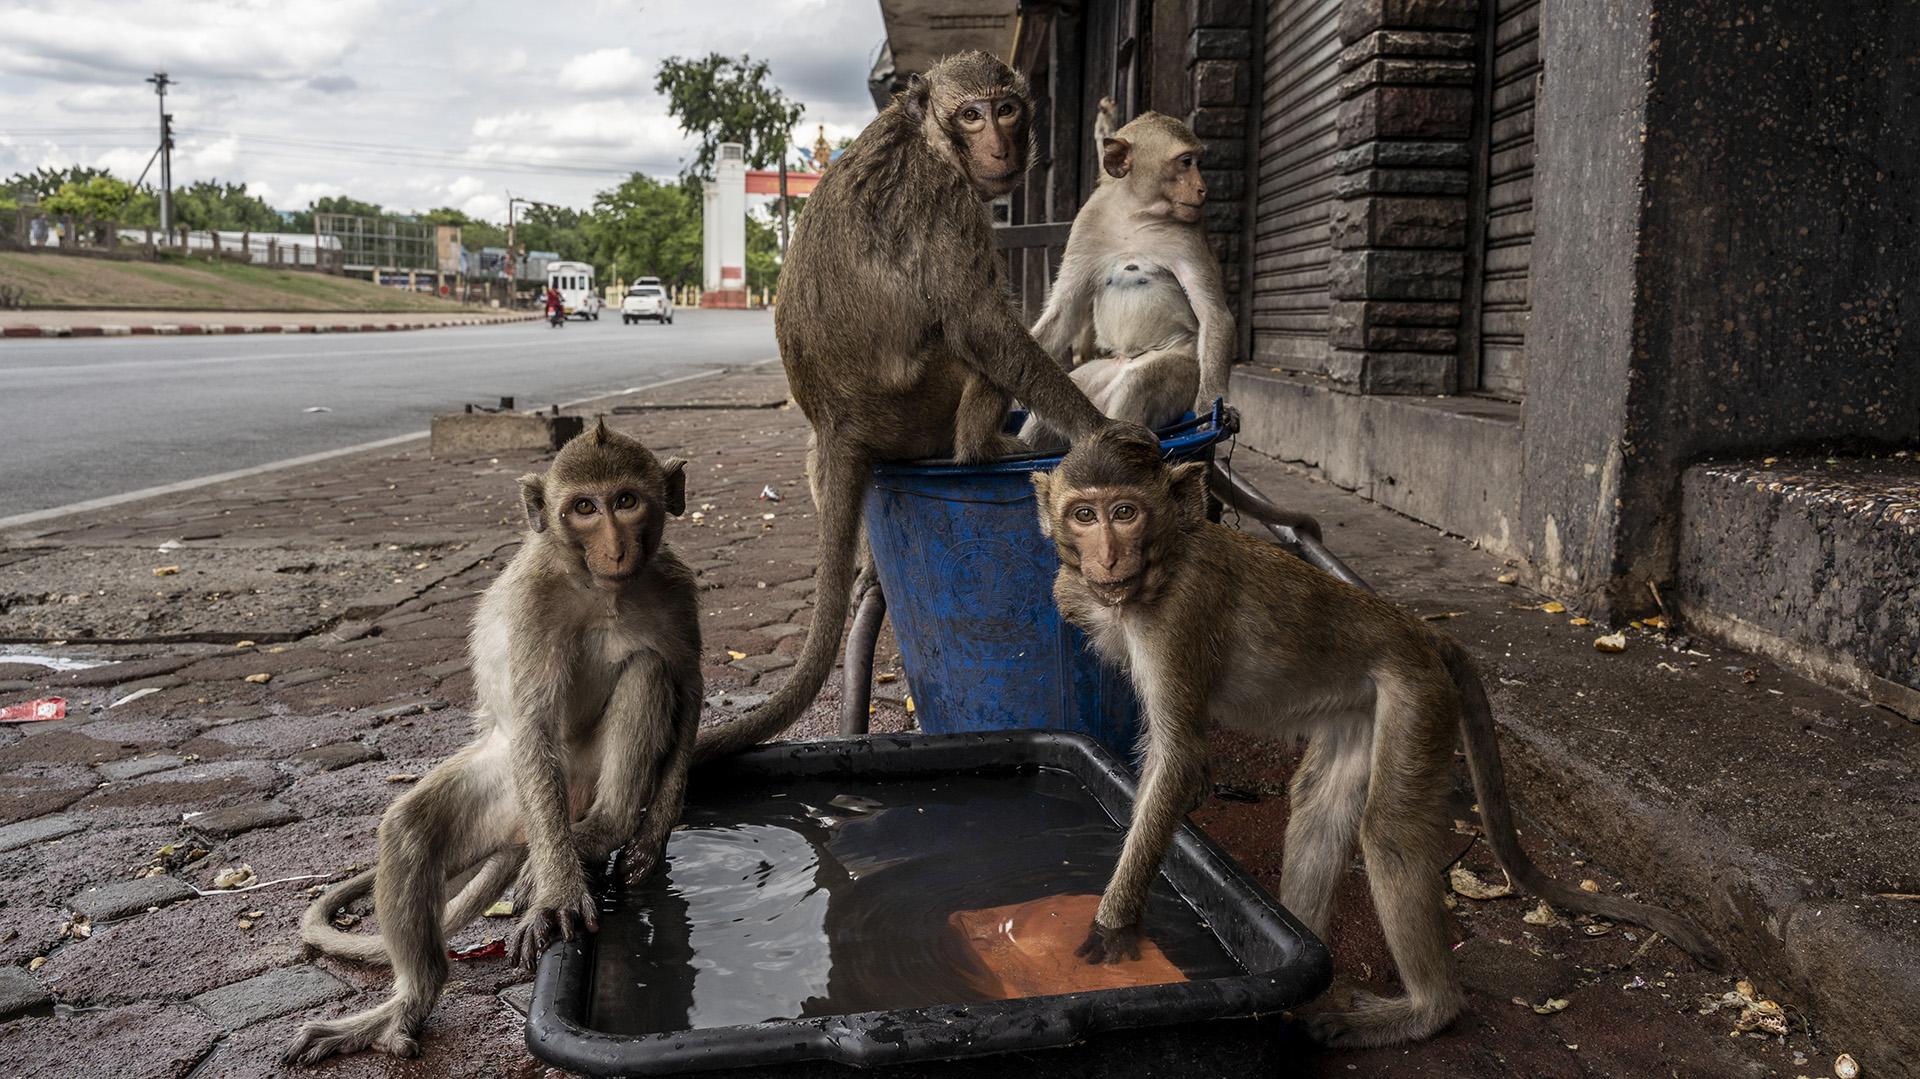 Monos beben agua afuera de una tienda en Lopburi, Tailandia, donde manadas de macacos cangrejeros que eran un atractivo turístico pasaron a ser una molestia grave para los pobladores (Adam Dean/The New York Times)